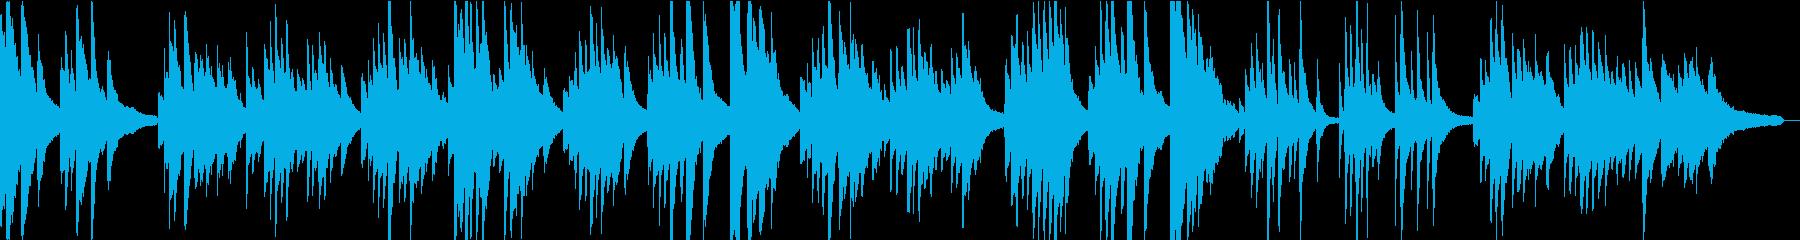 童謡『からたちの花』のピアノアレンジの再生済みの波形